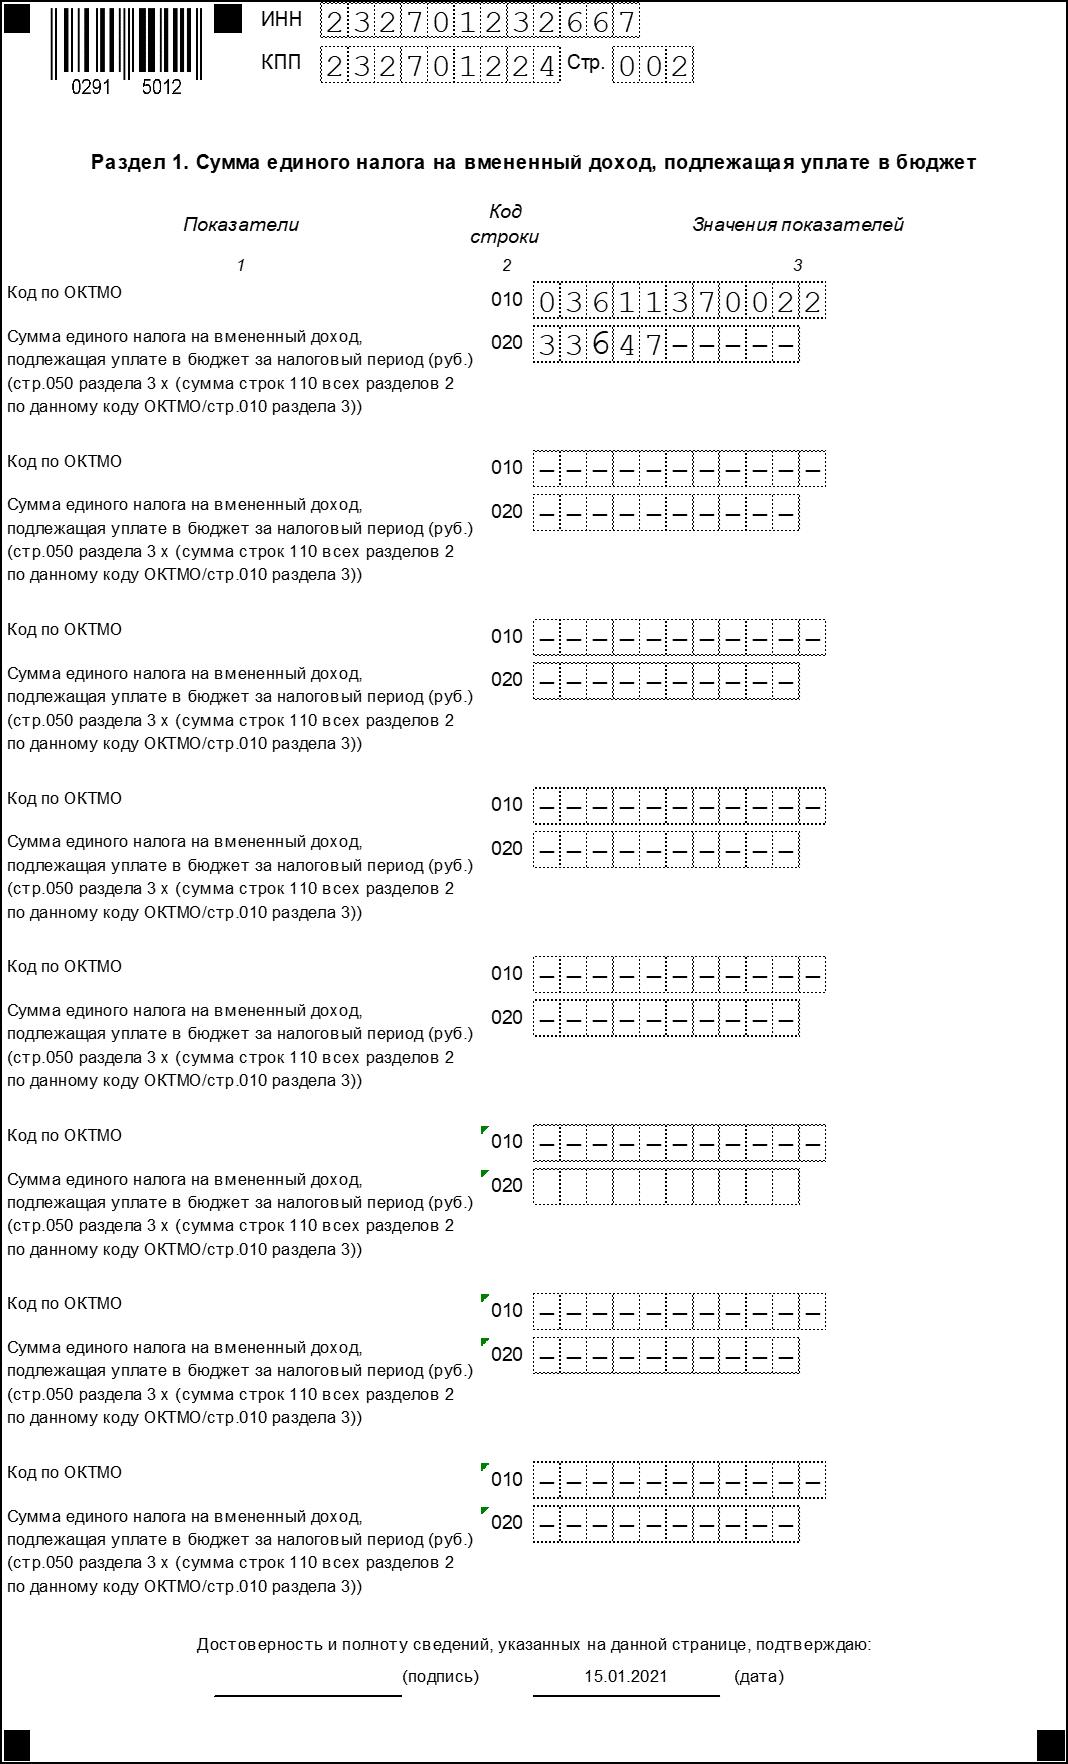 Раздел 1 декларации по ЕНВД